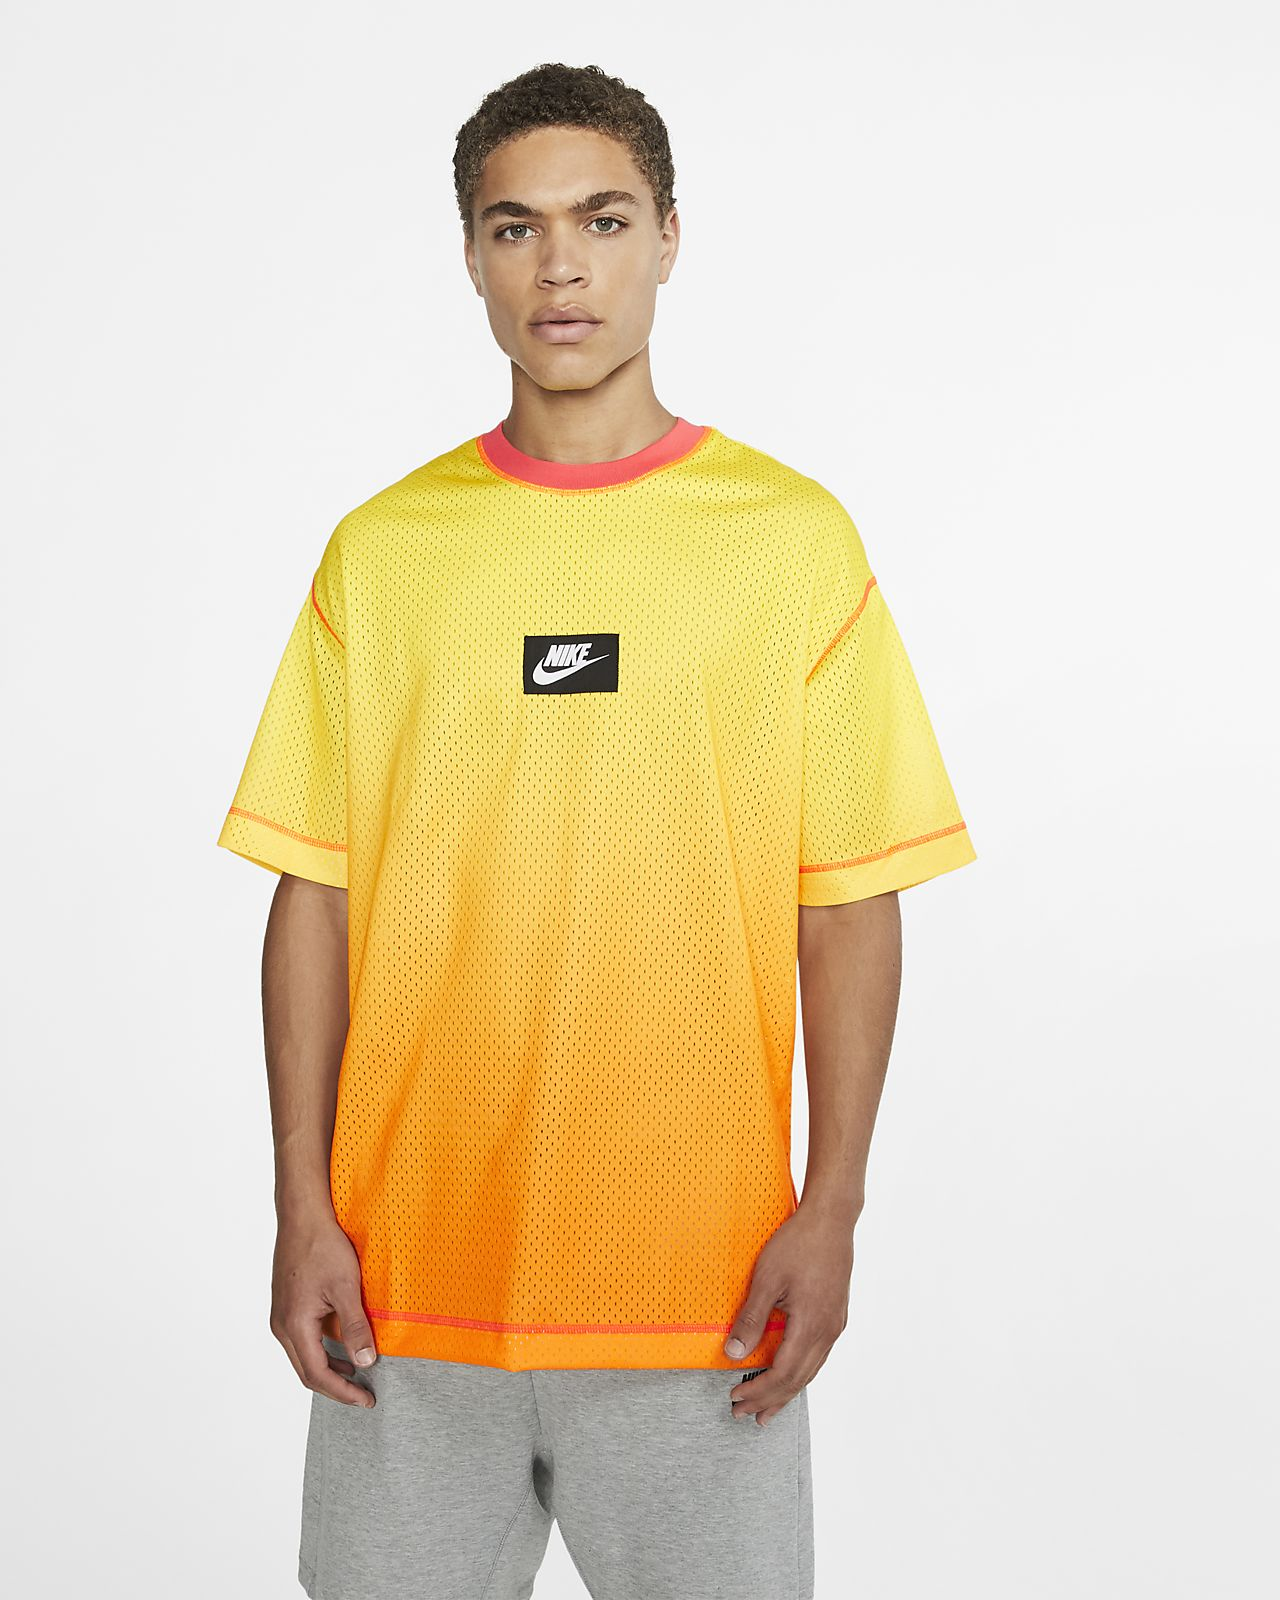 dbc57f062227 Pánské síťované tričko Nike Sportswear s krátkým rukávem. Nike.com CZ